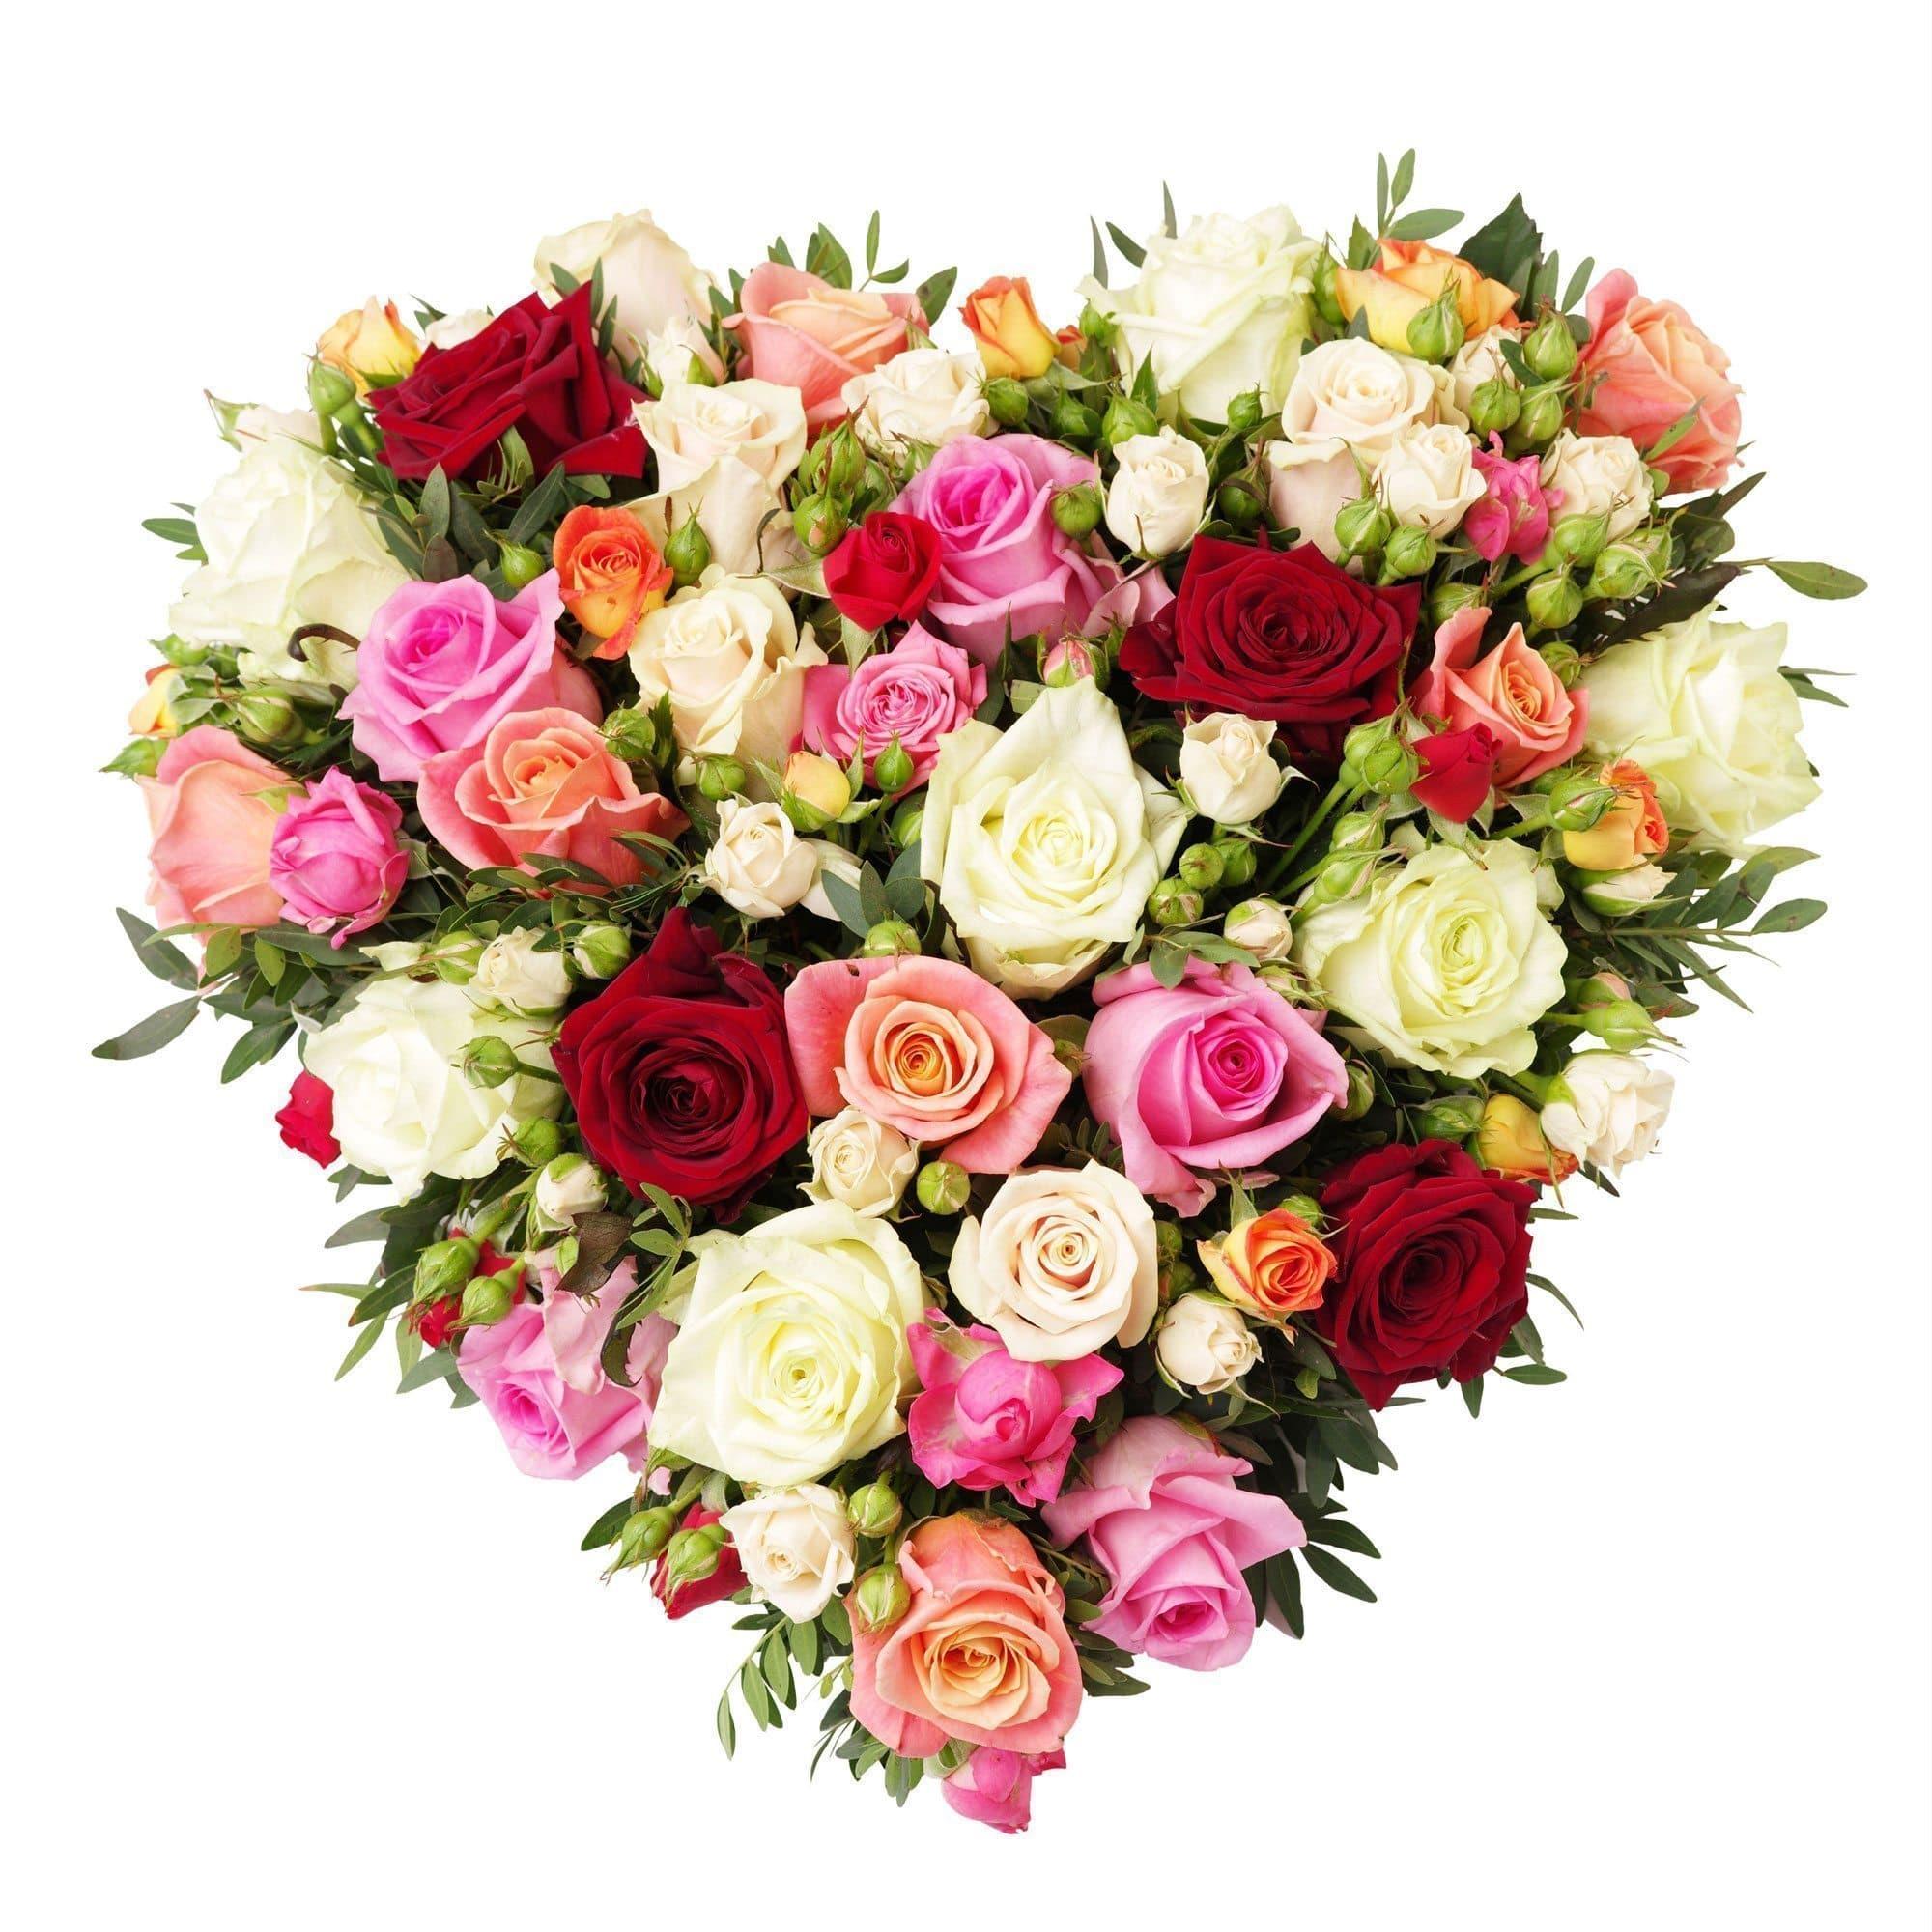 КарамельСердца<br>Композиция с самым сладким названием Карамель не навредит фигуре, а только будет радовать чудесным ароматом и идеальным сочетанием оттенков.<br><br>В состав композиции входят 33 розы:<br><br>-кремовые сорта Талея,<br>-розовые Ревиваль,<br>-красные, <br>-оранжевые...<br>